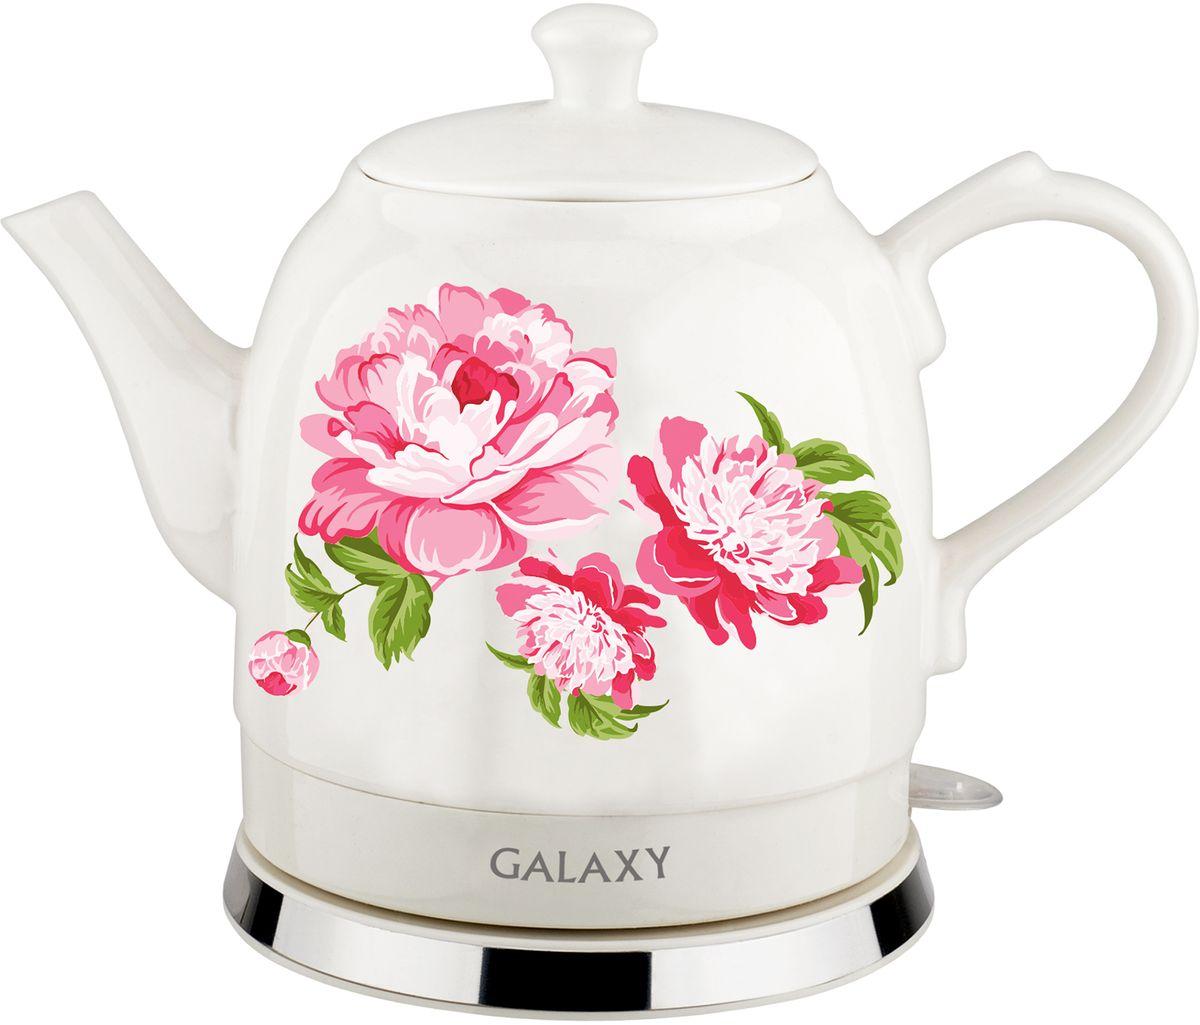 Galaxy GL 0503 чайник электрический4630003364074Керамический чайник Galaxy GL 0503 создает теплую атмосферу на кухне и располагает к душевной беседе зачашкой чая. Благодаря толстым стенкам, чайник работает бесшумно. Керамический чайник Galaxy GL 0503, как илюбая посуда из этого материала, долго сохраняет тепло, позволяя значительно сократить энергозатраты.Во время чаепития вы можете разместить керамический чайник Galaxy GL 0503 на столе. В отличие от пластиковыхи металлических чайников, керамический чайник вписывается в картину чаепития очень гармонично.